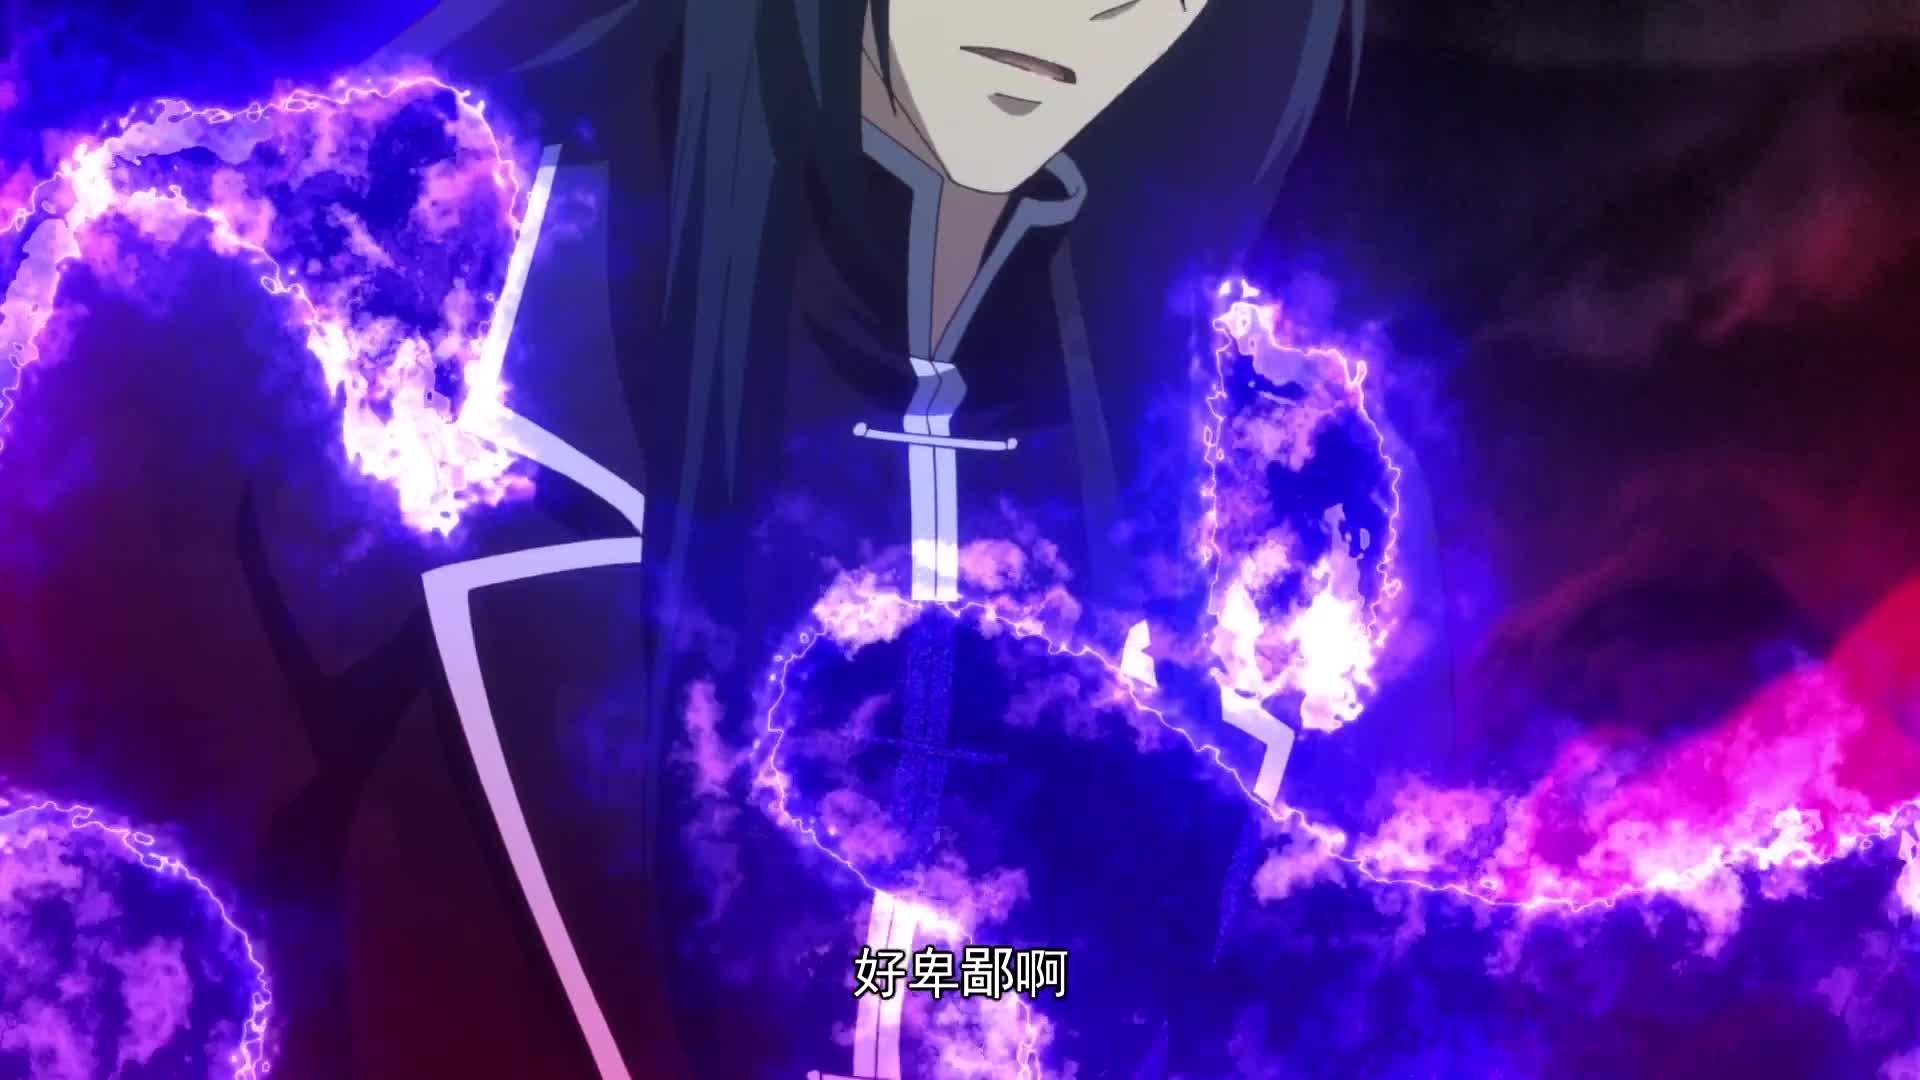 视频-《灵契》第2季:神龙用聚魔灵困住了杨敬华,端木熙生命垂危